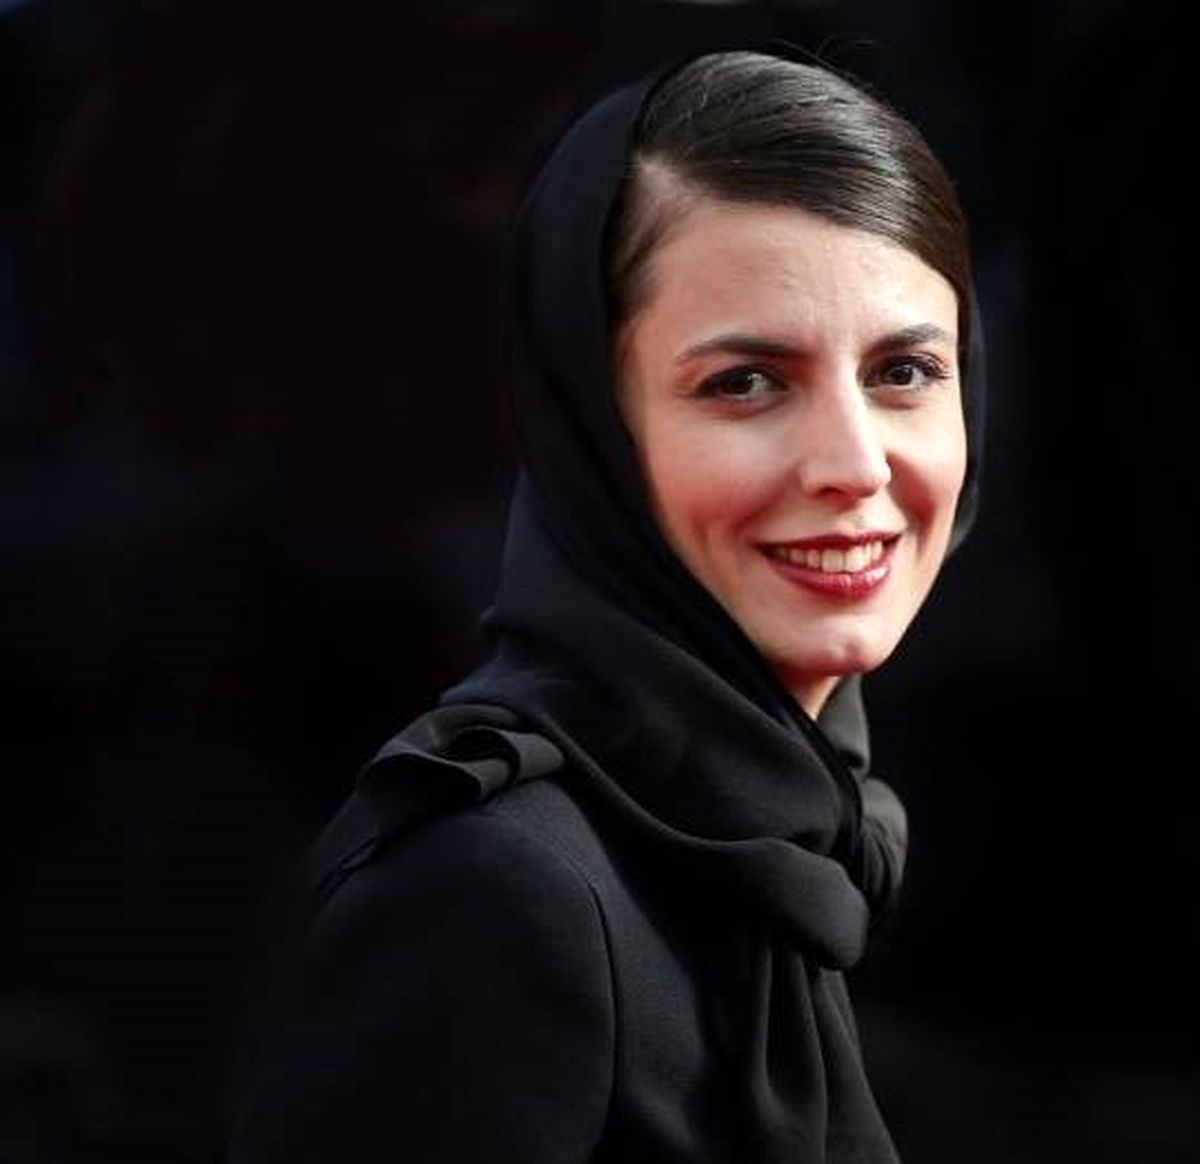 لیلا حاتمی اولین بازیگر دسته دختران شد